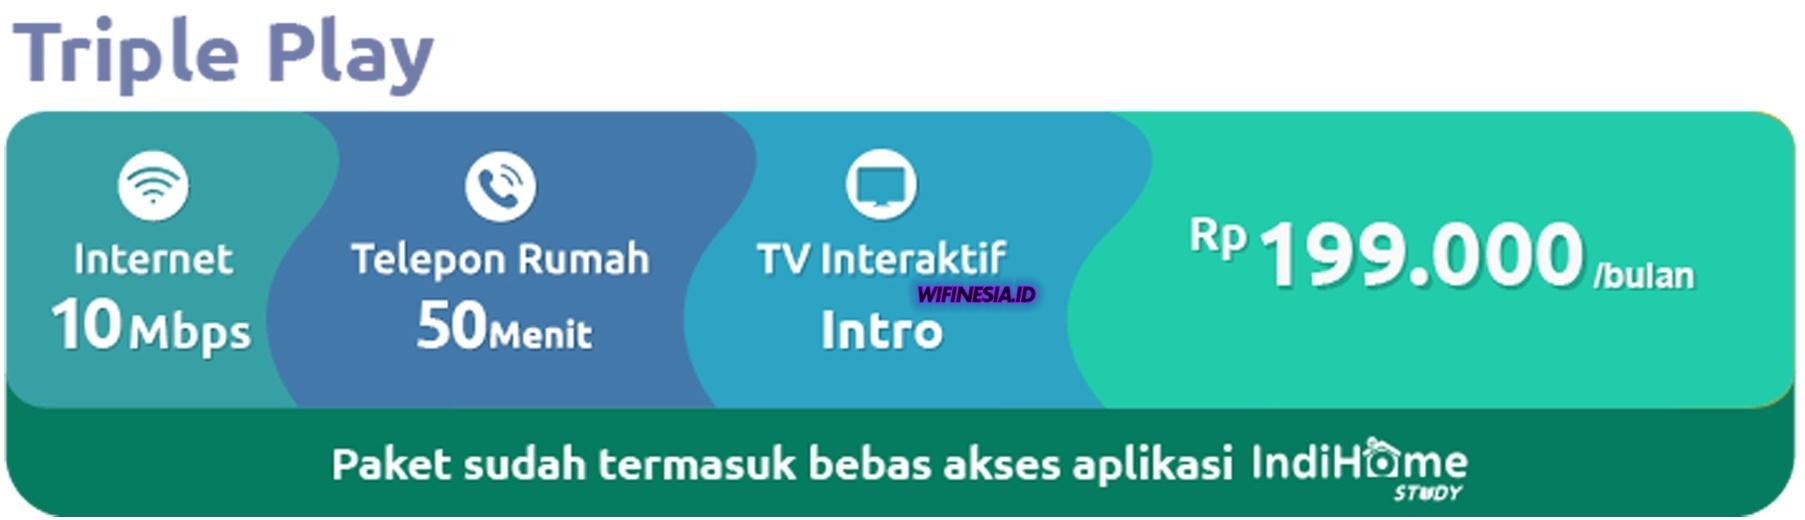 WiFi Murah Untuk Di Rumah 200 ribuan IndiHome Triple Play 10 Mbps Promo Learning From Home